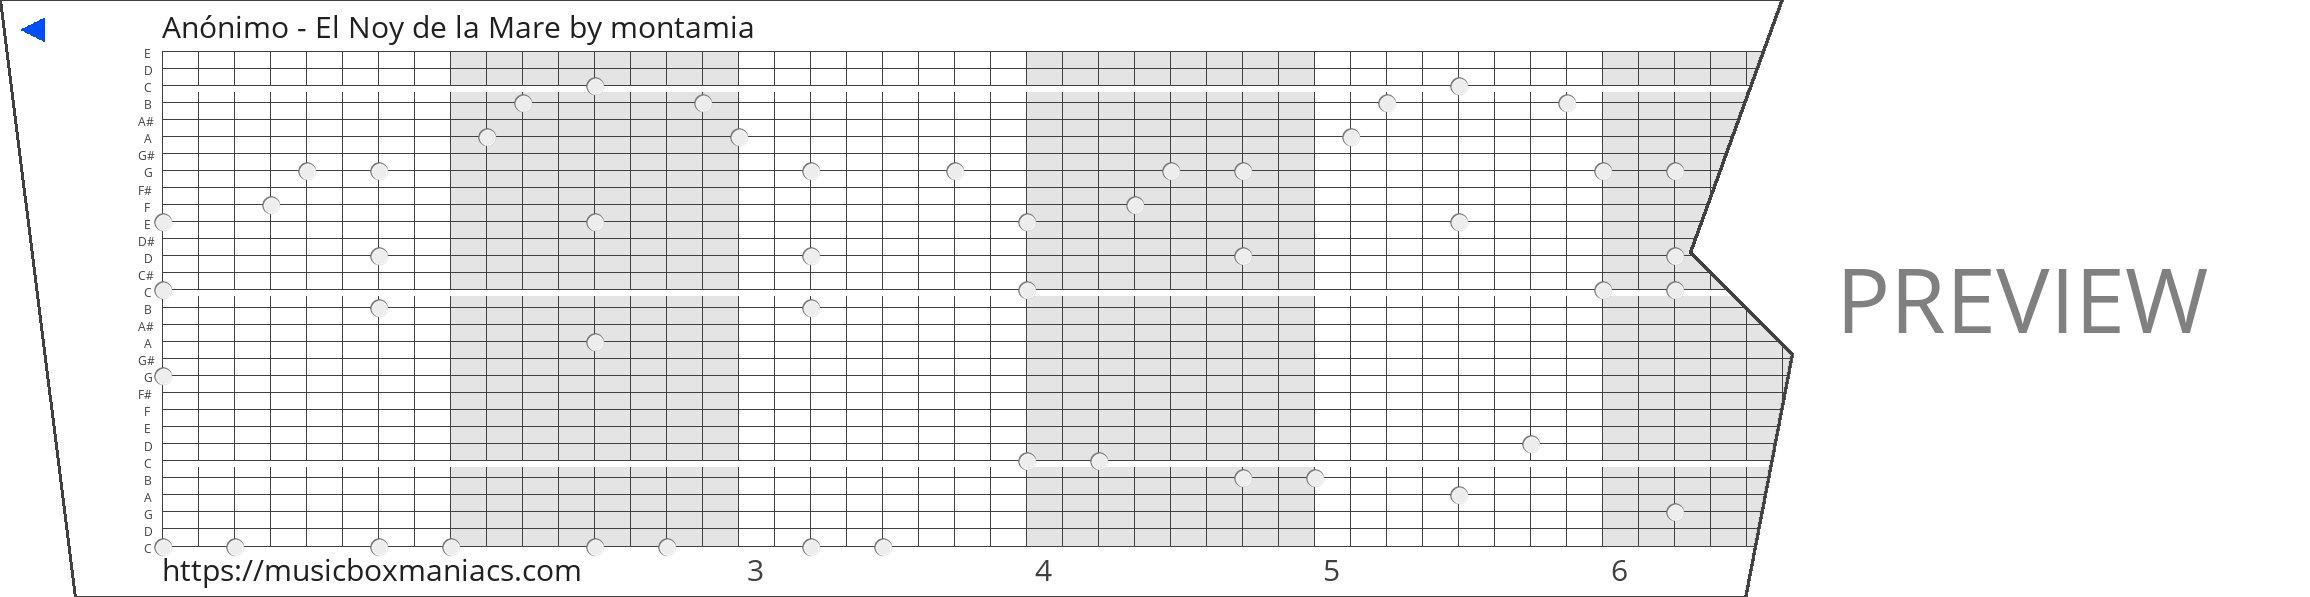 Anónimo - El Noy de la Mare 30 note music box paper strip